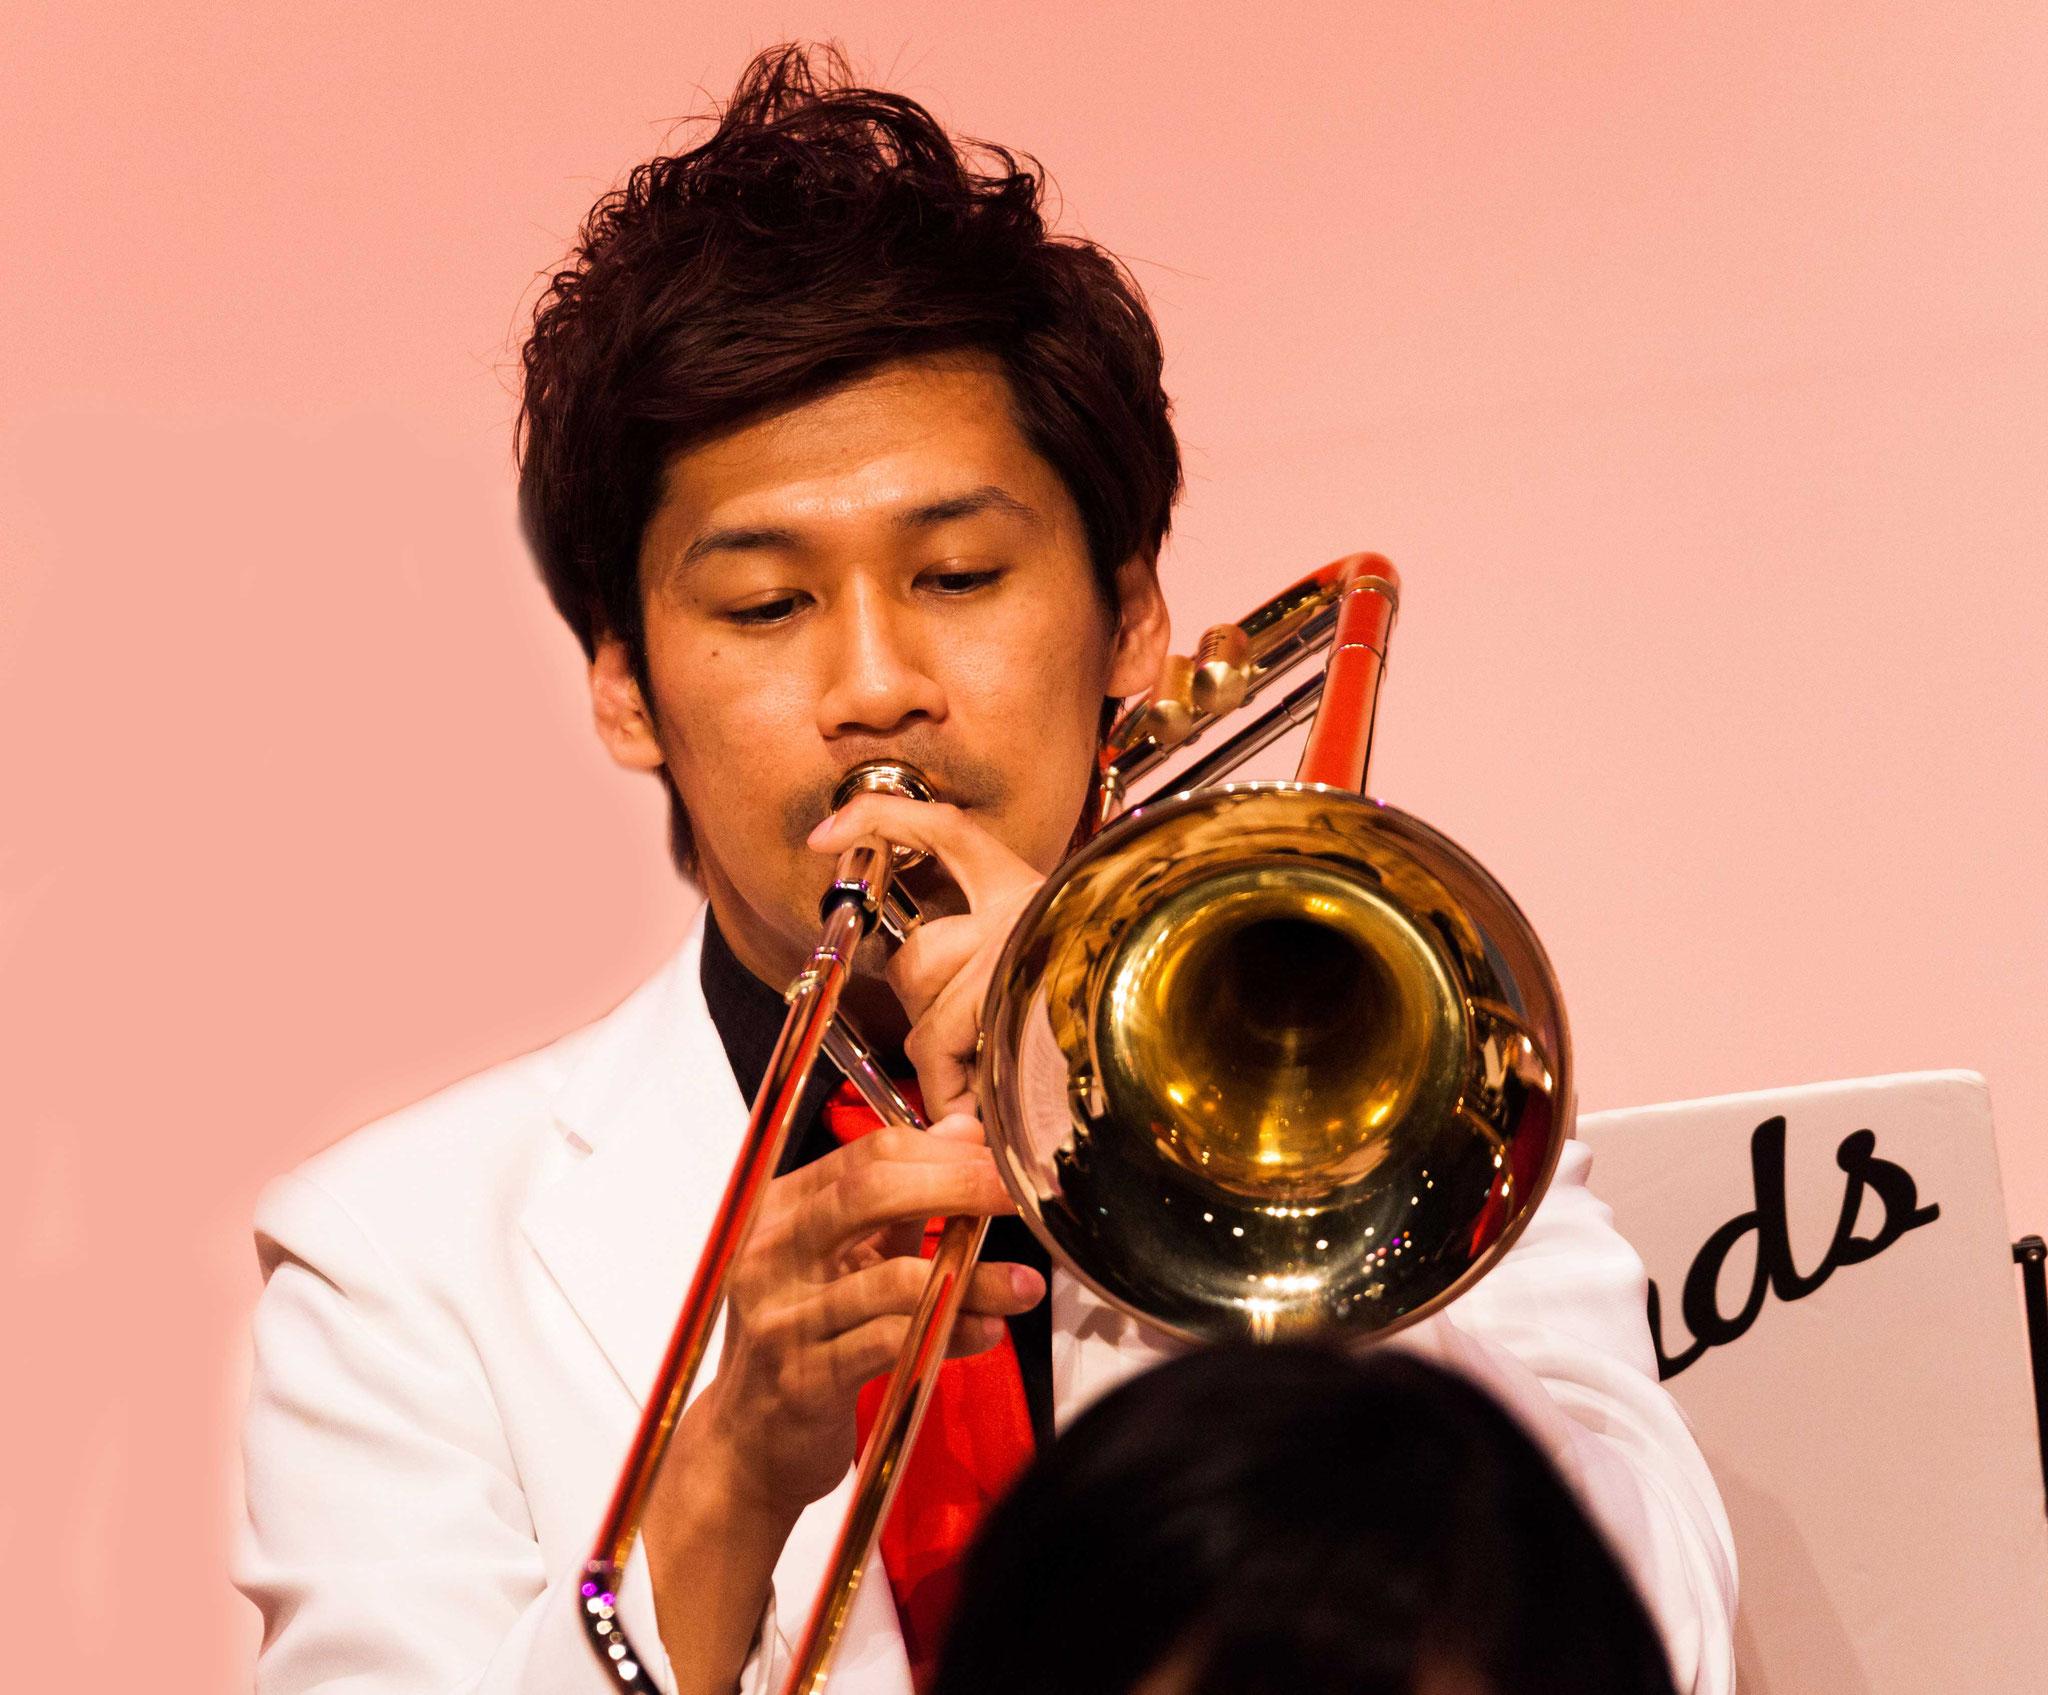 関山博史(trombone,arranger,composer)